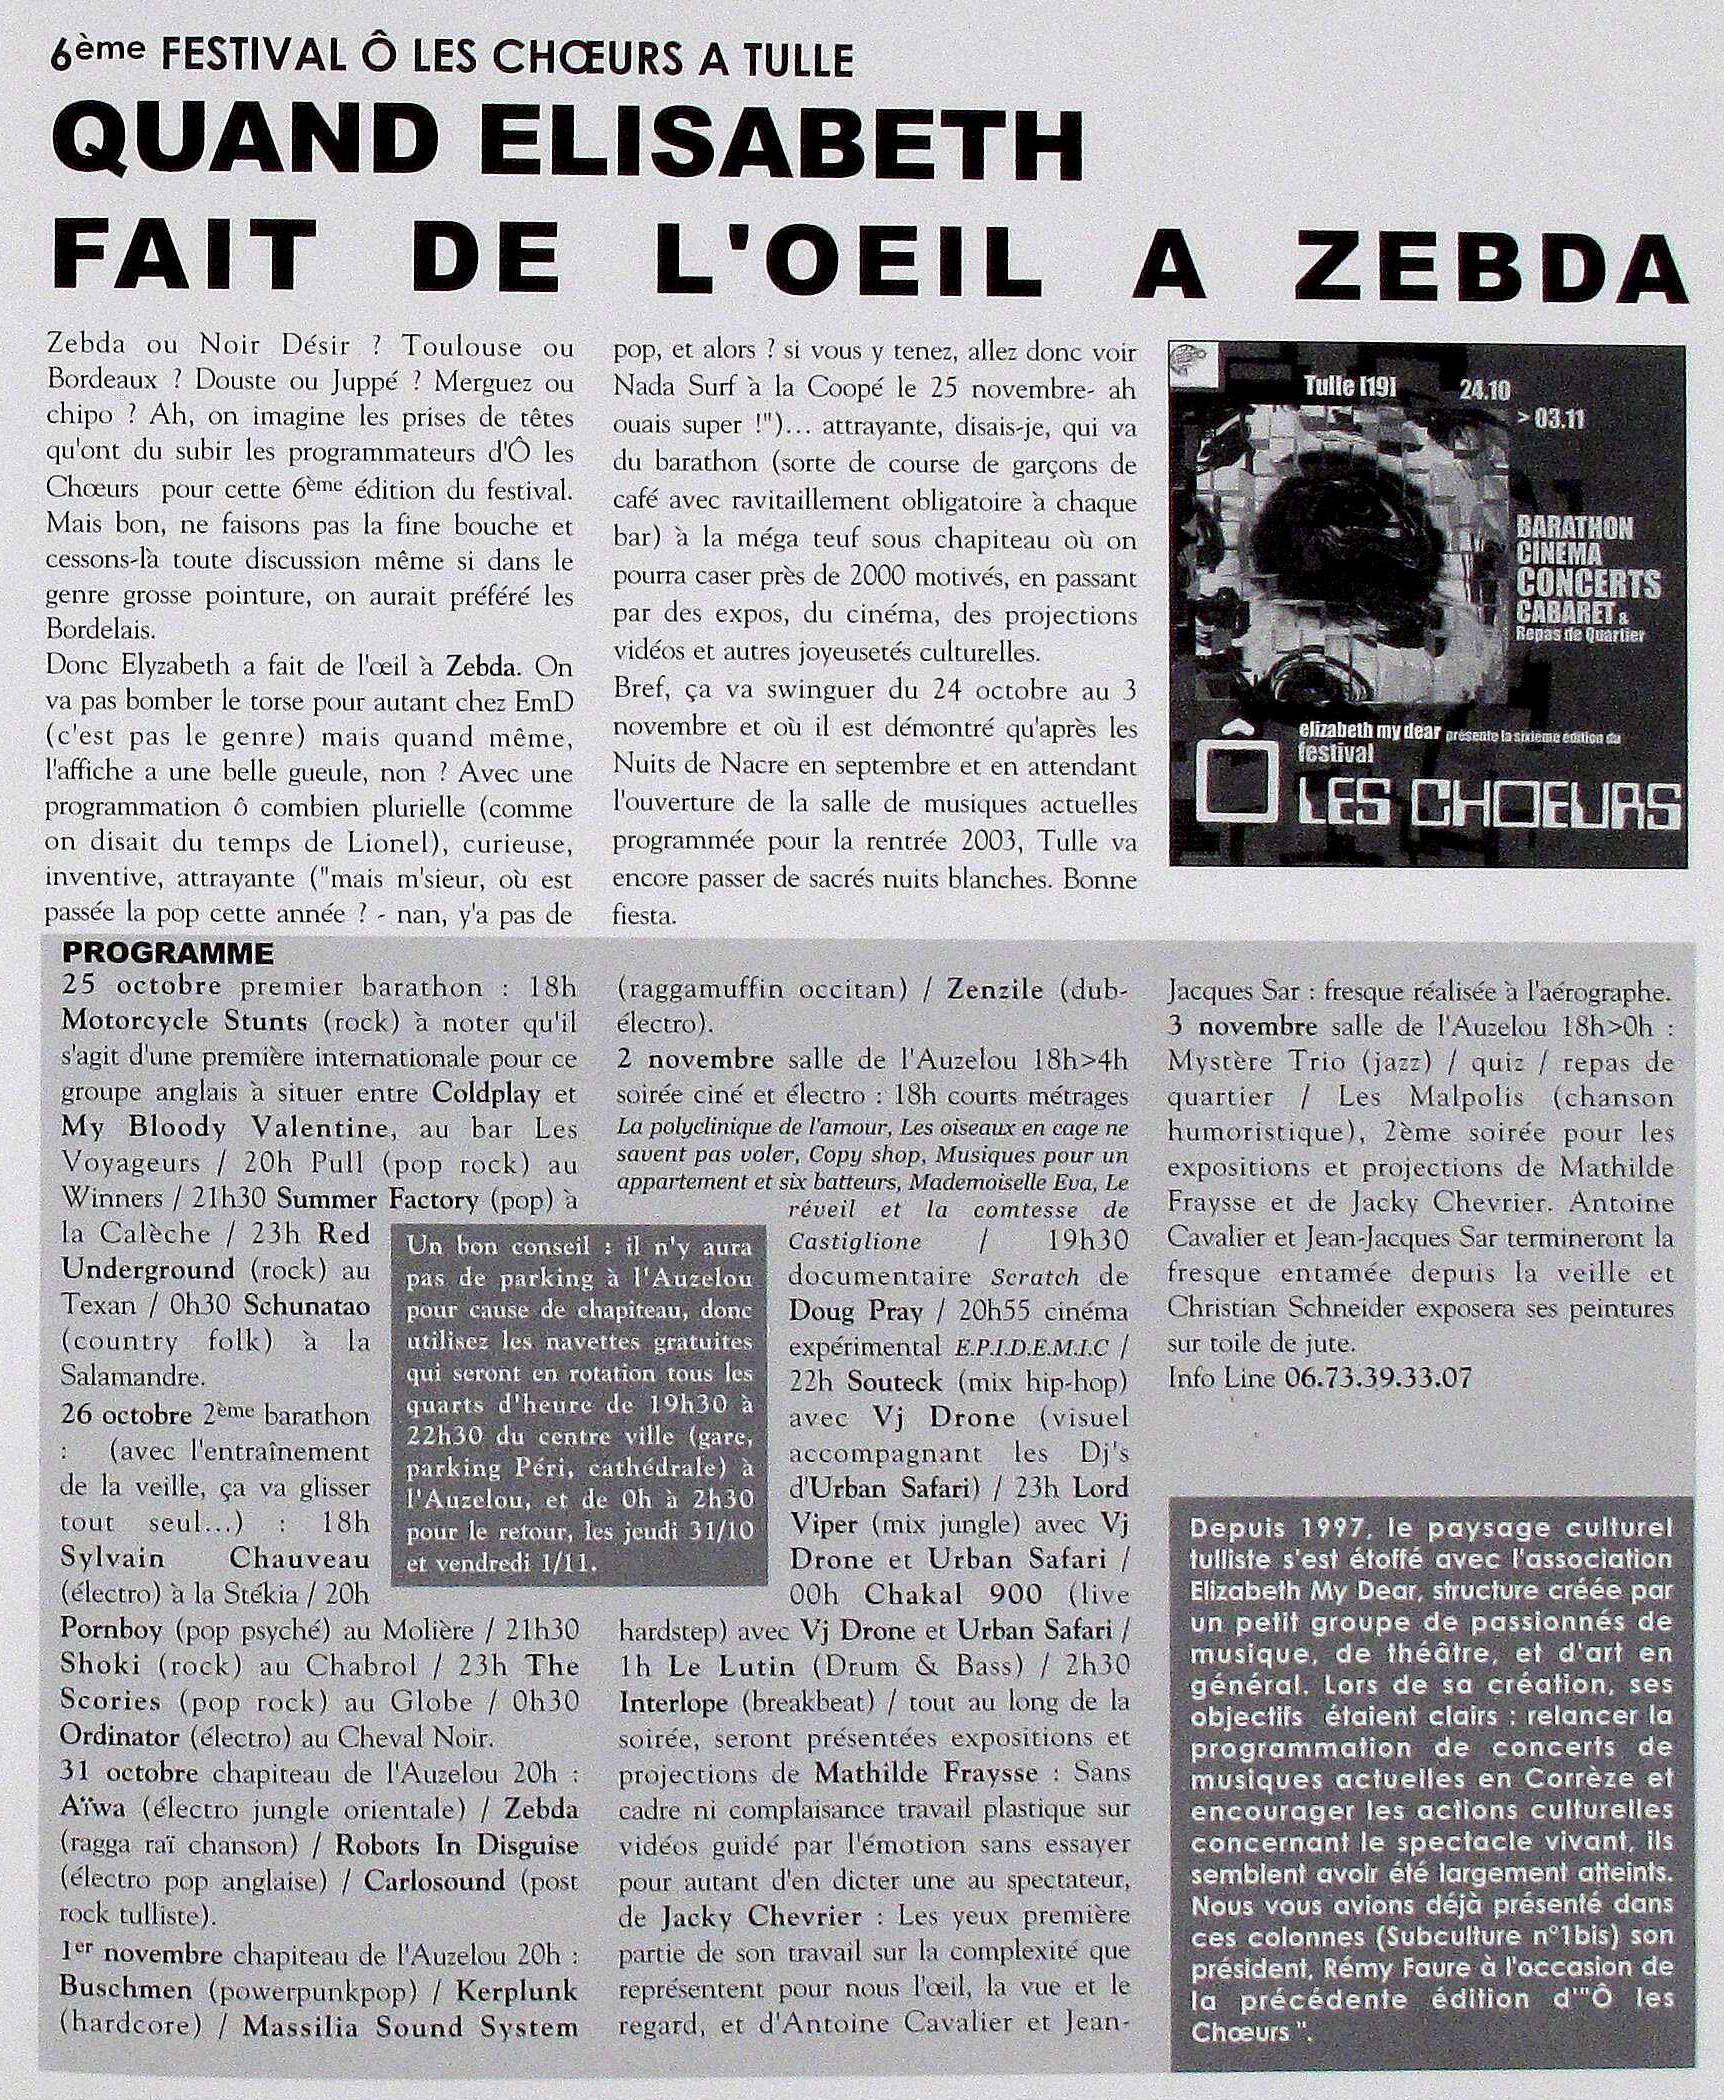 Le magazine Subculture consacre une page aux activités de l'association - Automne 2002 - Archives Dlqc